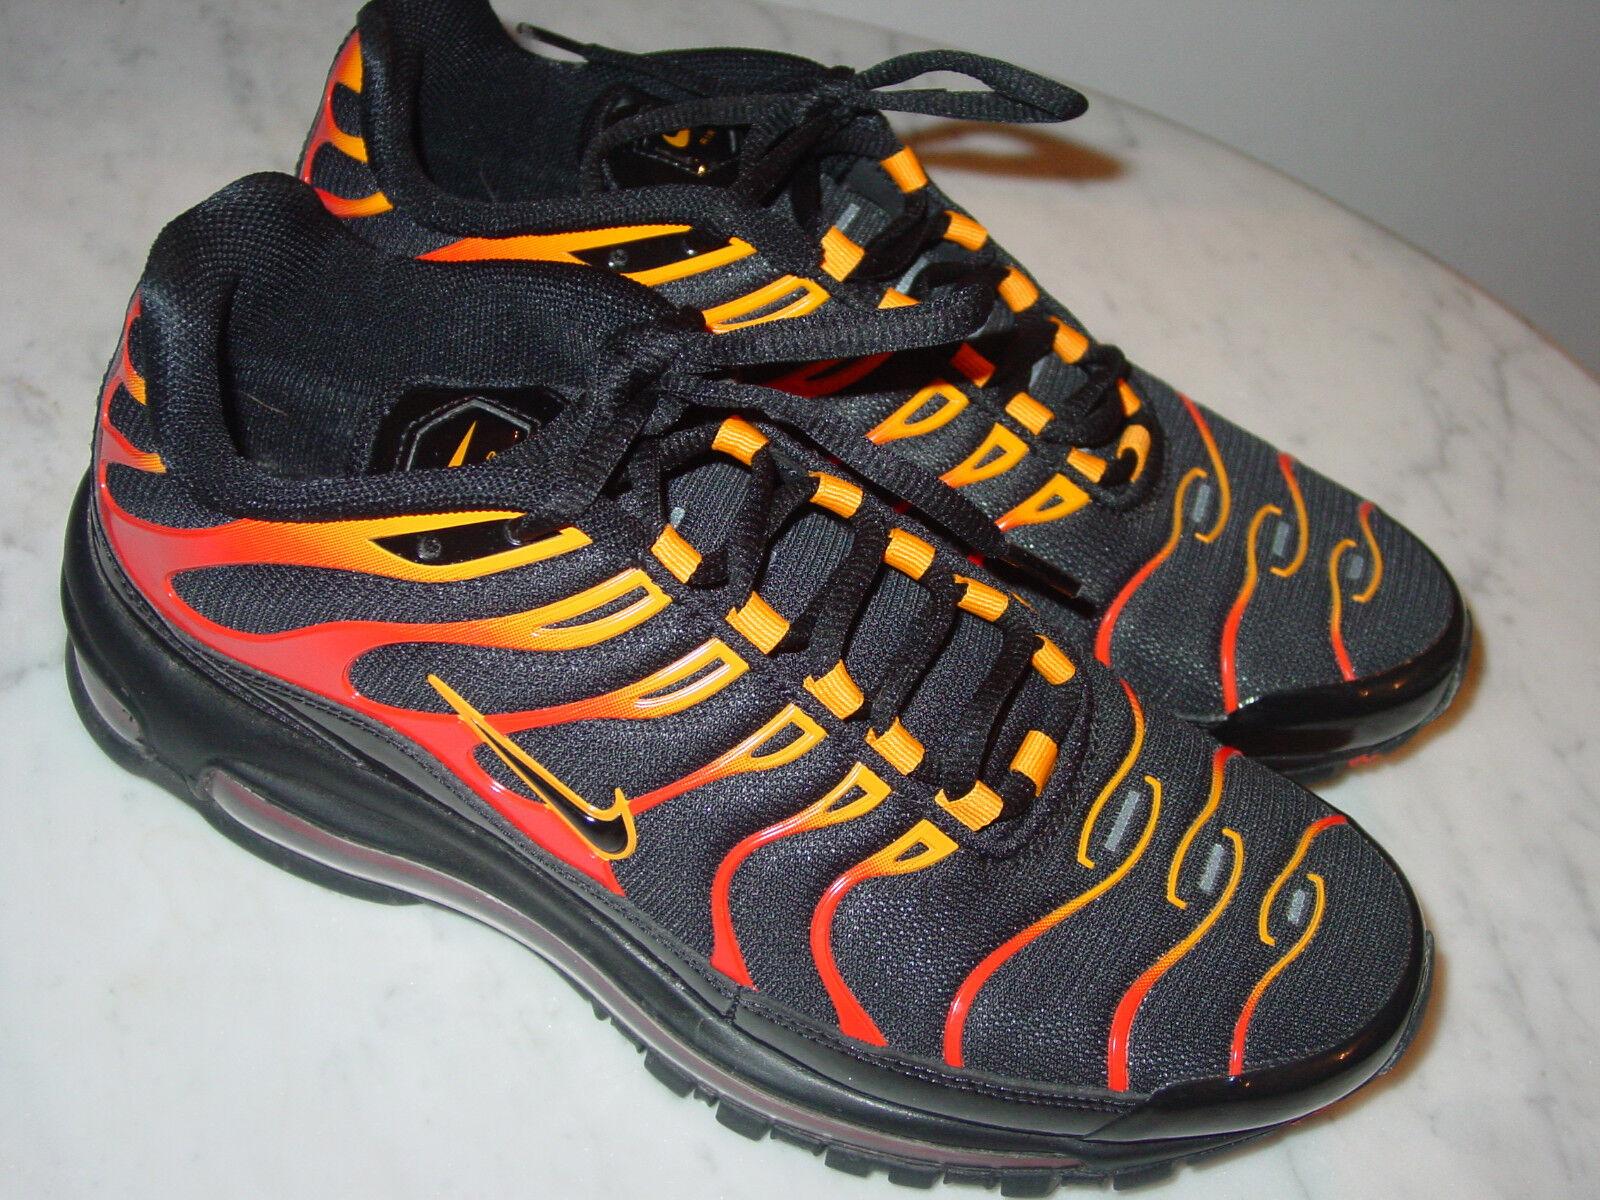 2017 Nike Air Max 97 Plus Engine 1 Shock orange Black Running shoes  Size 8